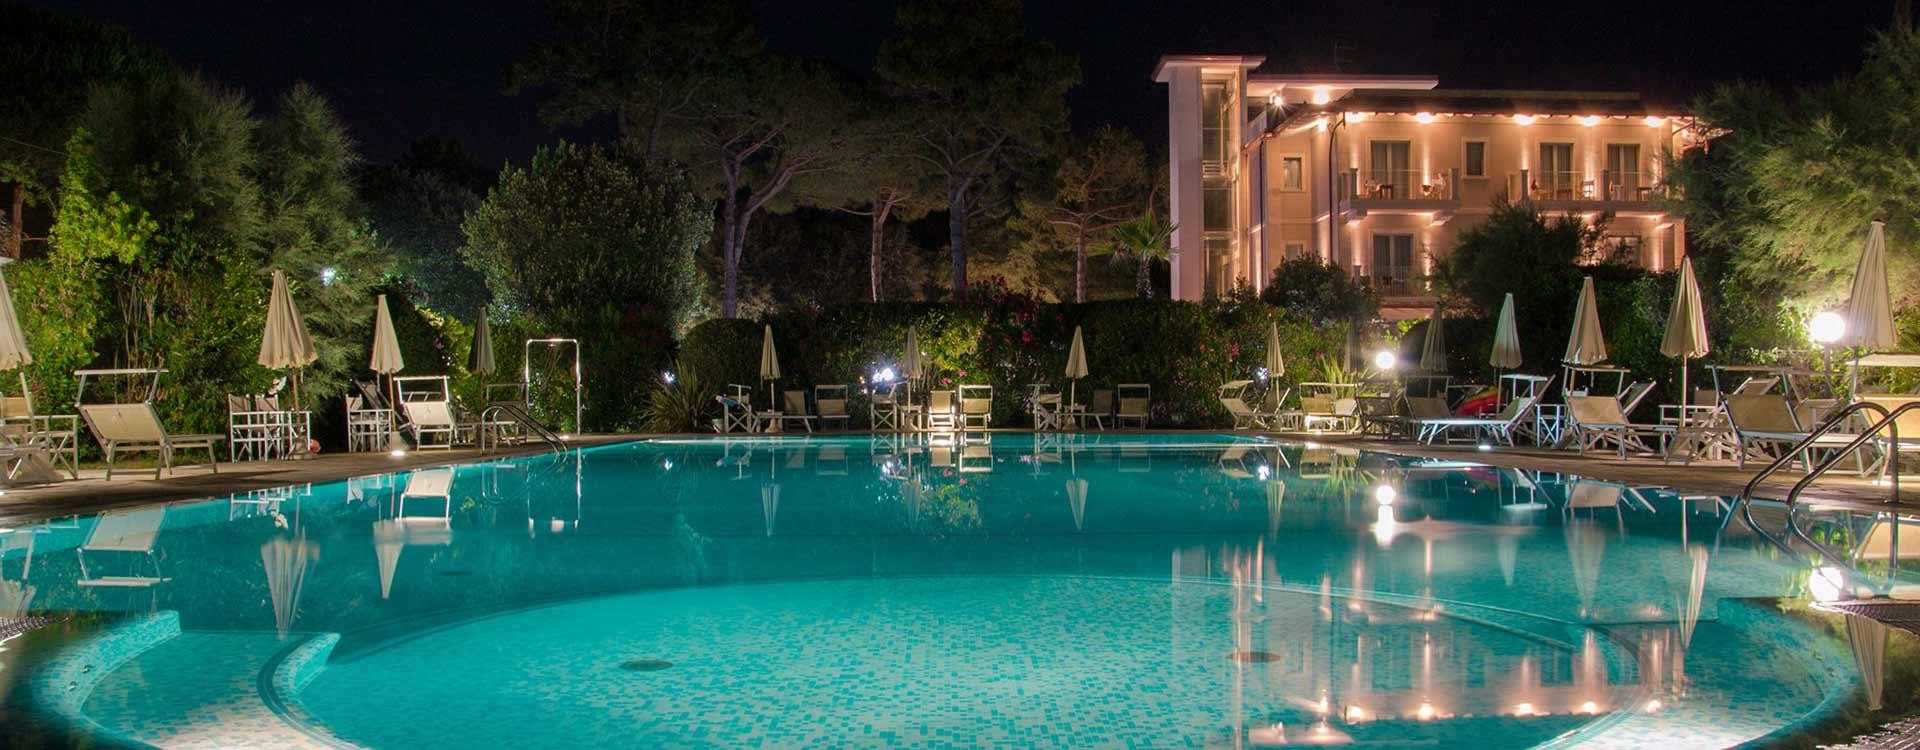 L'hotel dispone di piscina a Ronchi